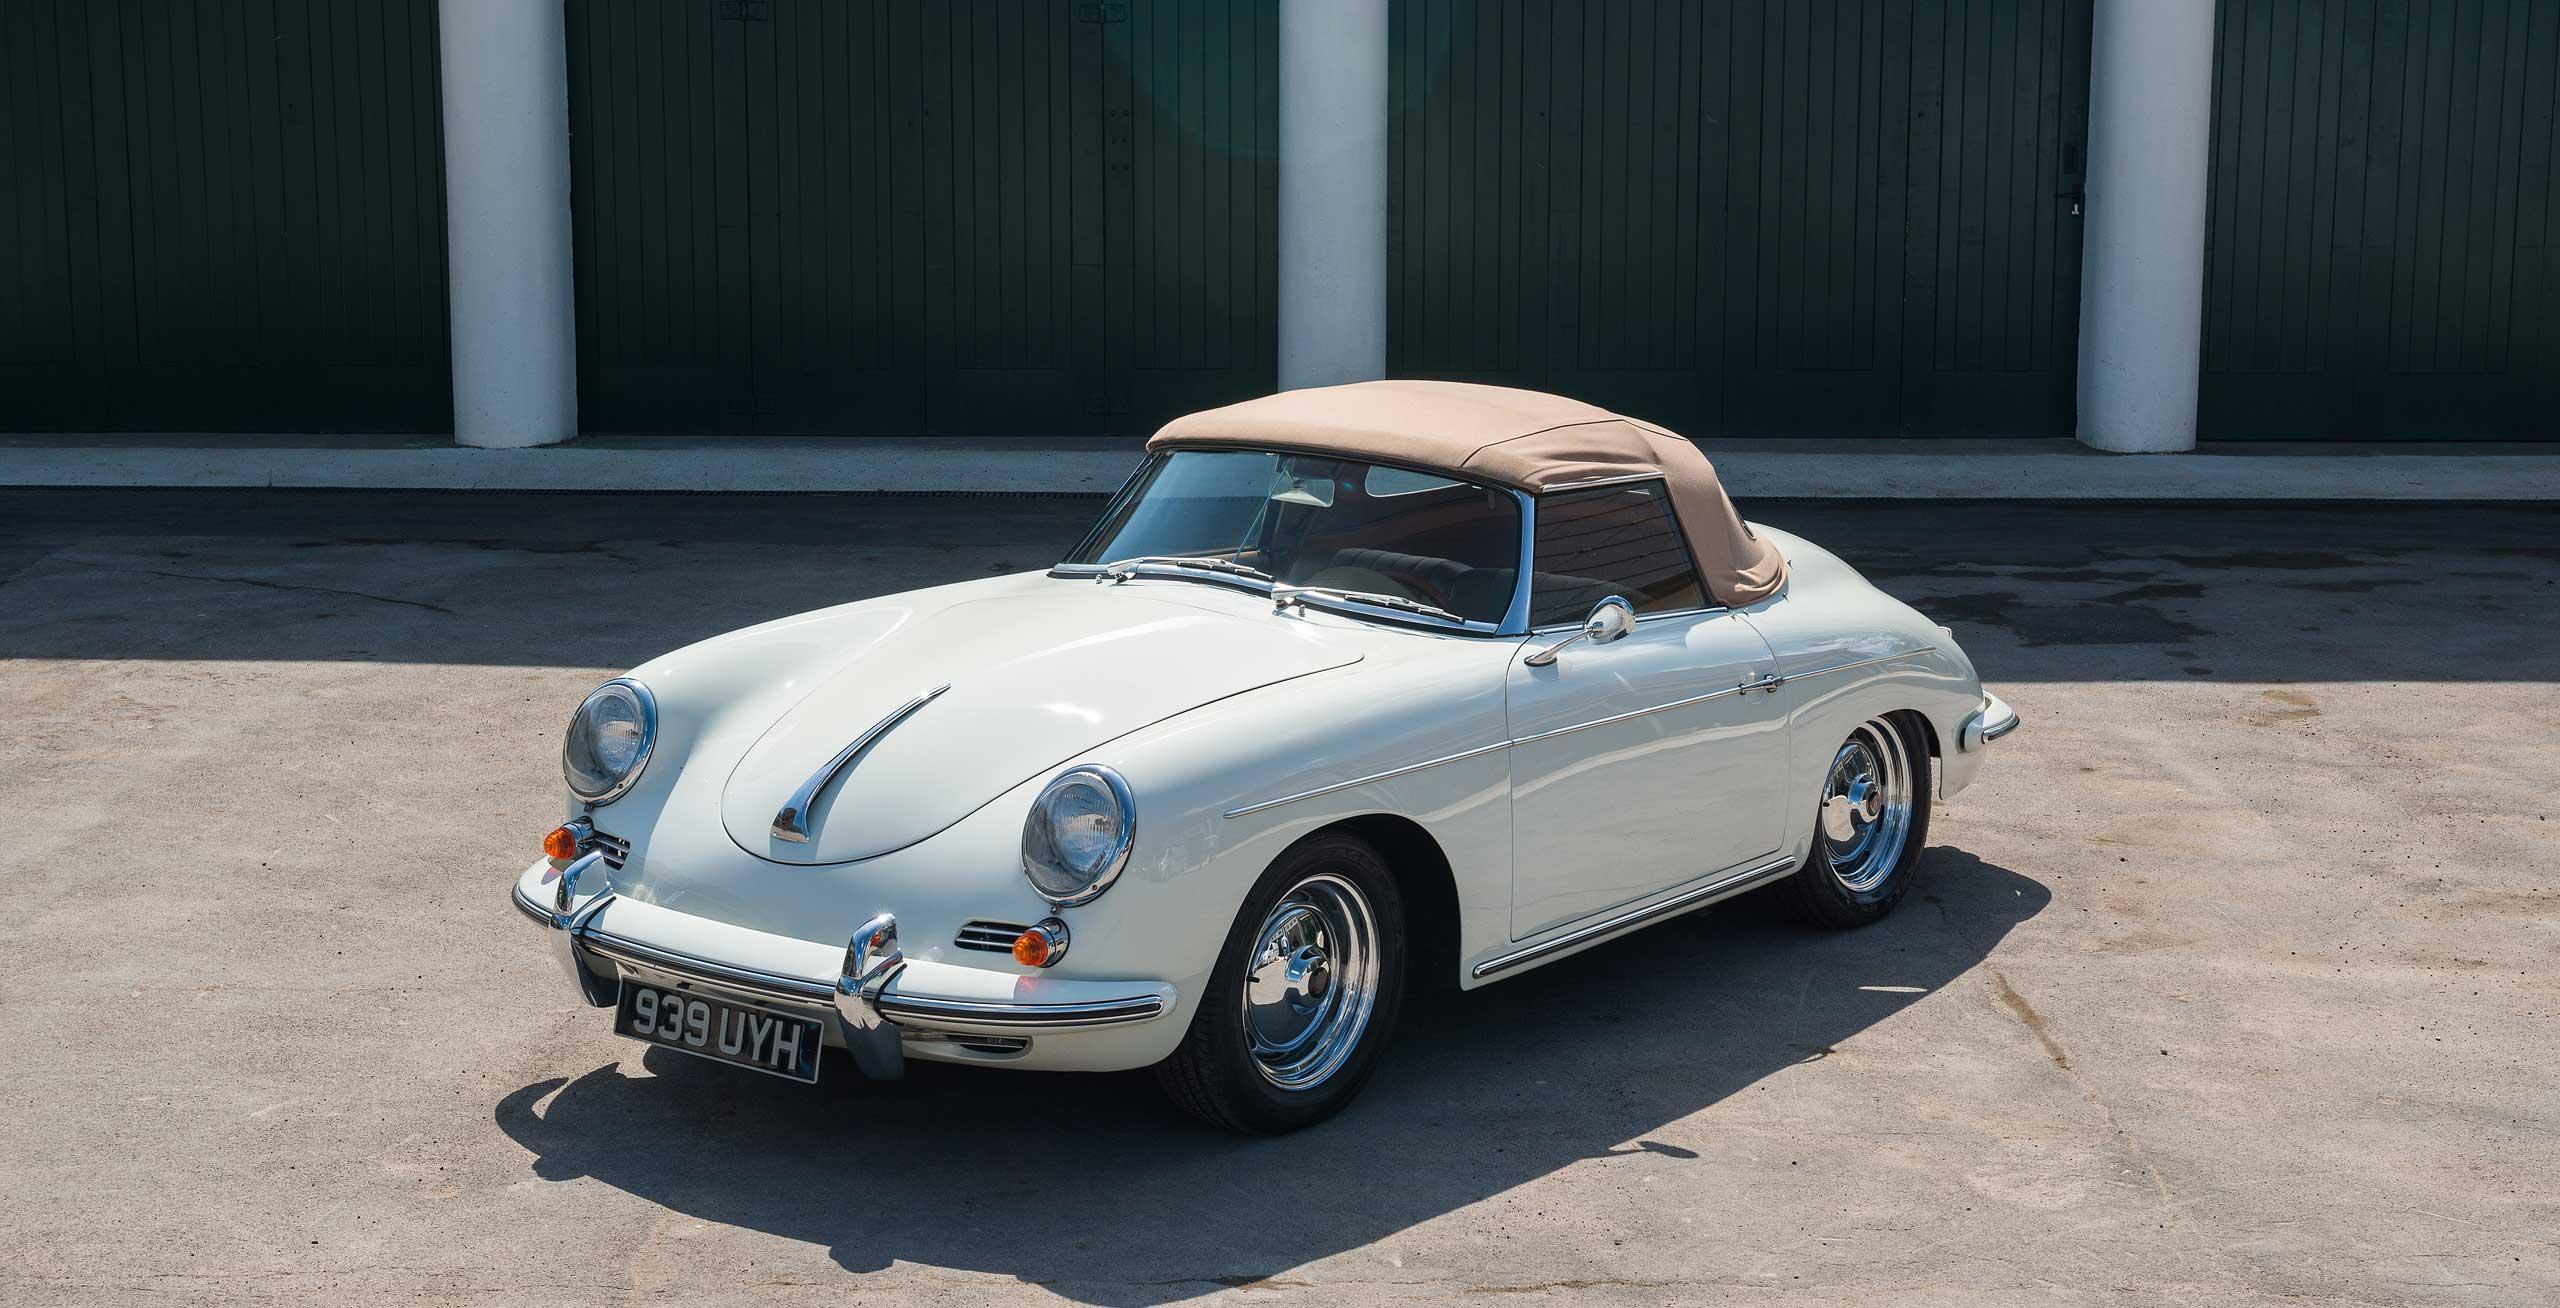 1961 Porsche 356B S90 Roadster